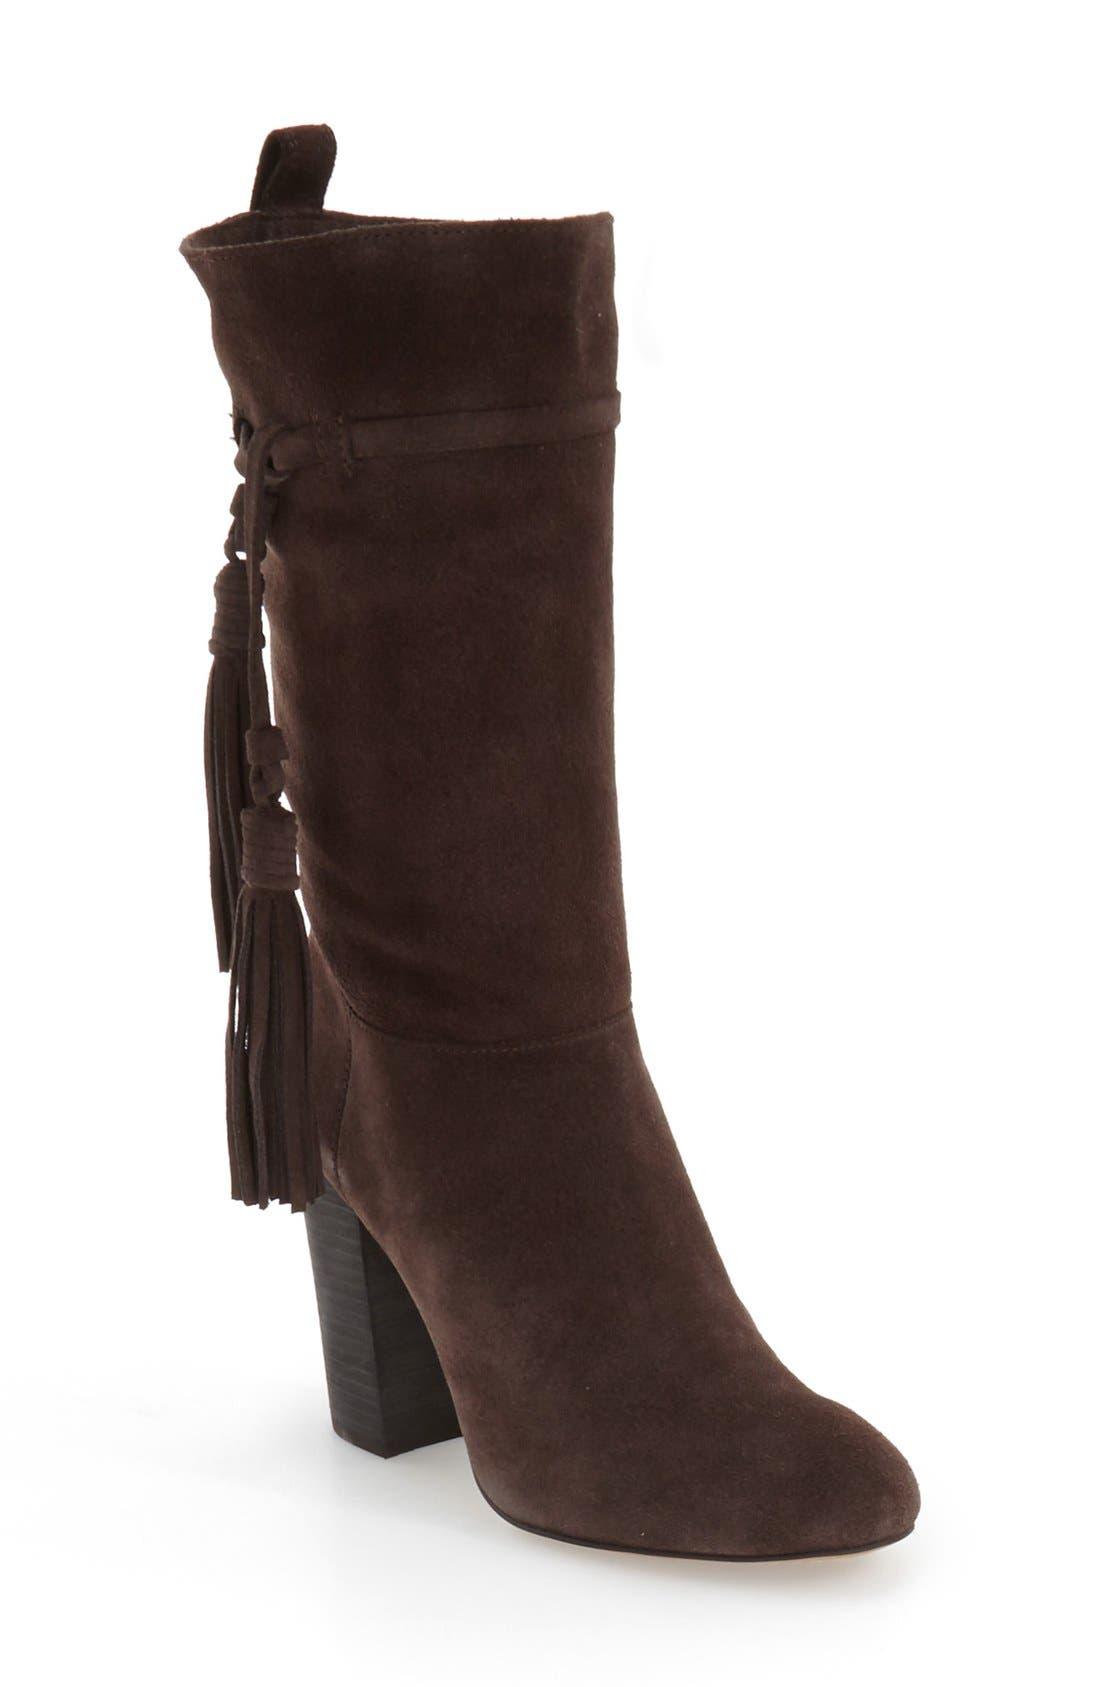 Alternate Image 1 Selected - Vince Camuto 'Fermel' Slouch Tassel Boot (Women)